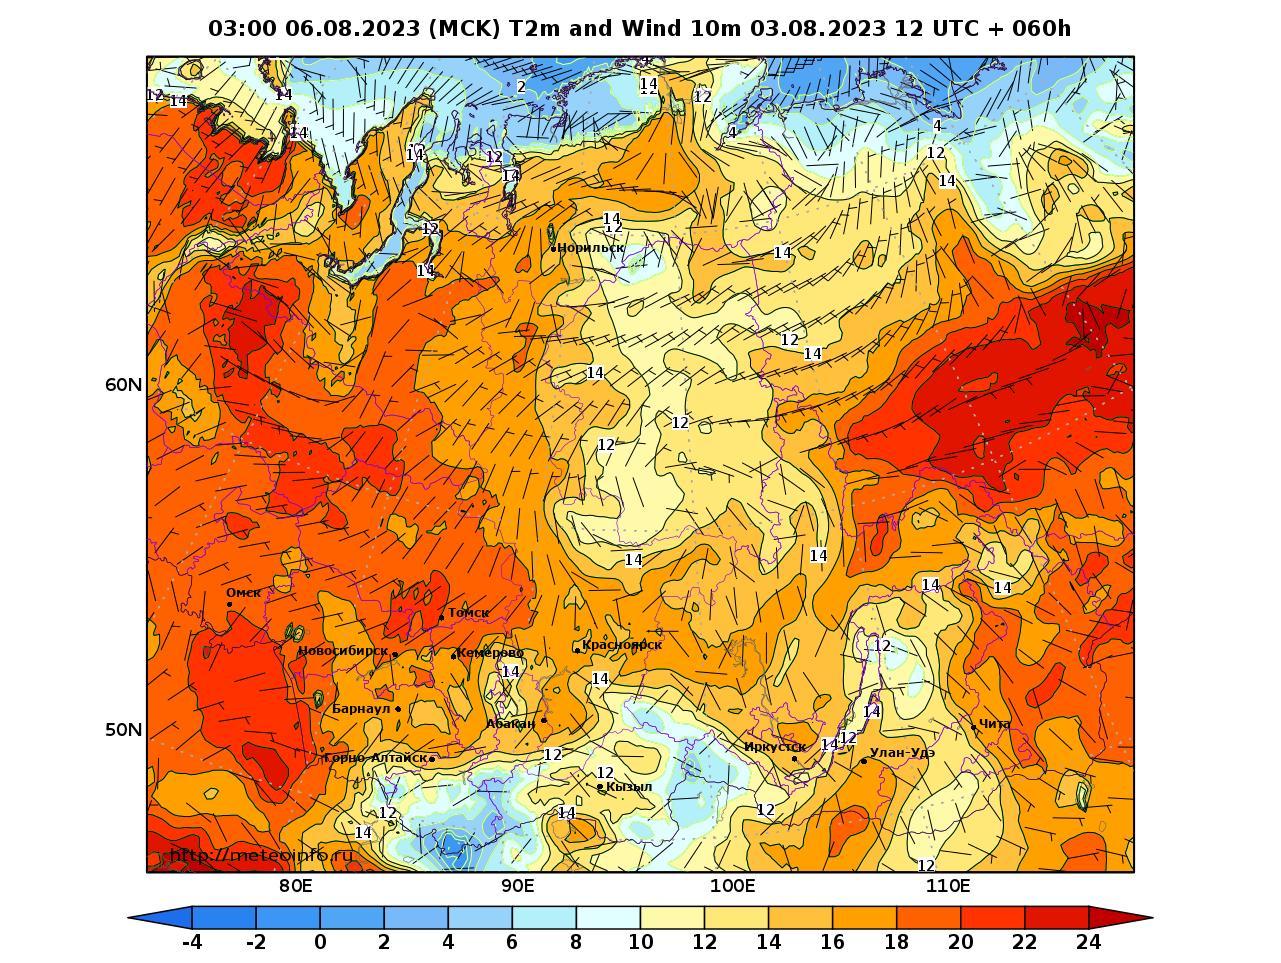 Сибирский Федеральный округ, прогностическая карта приземная температура, заблаговременность прогноза 60 часов